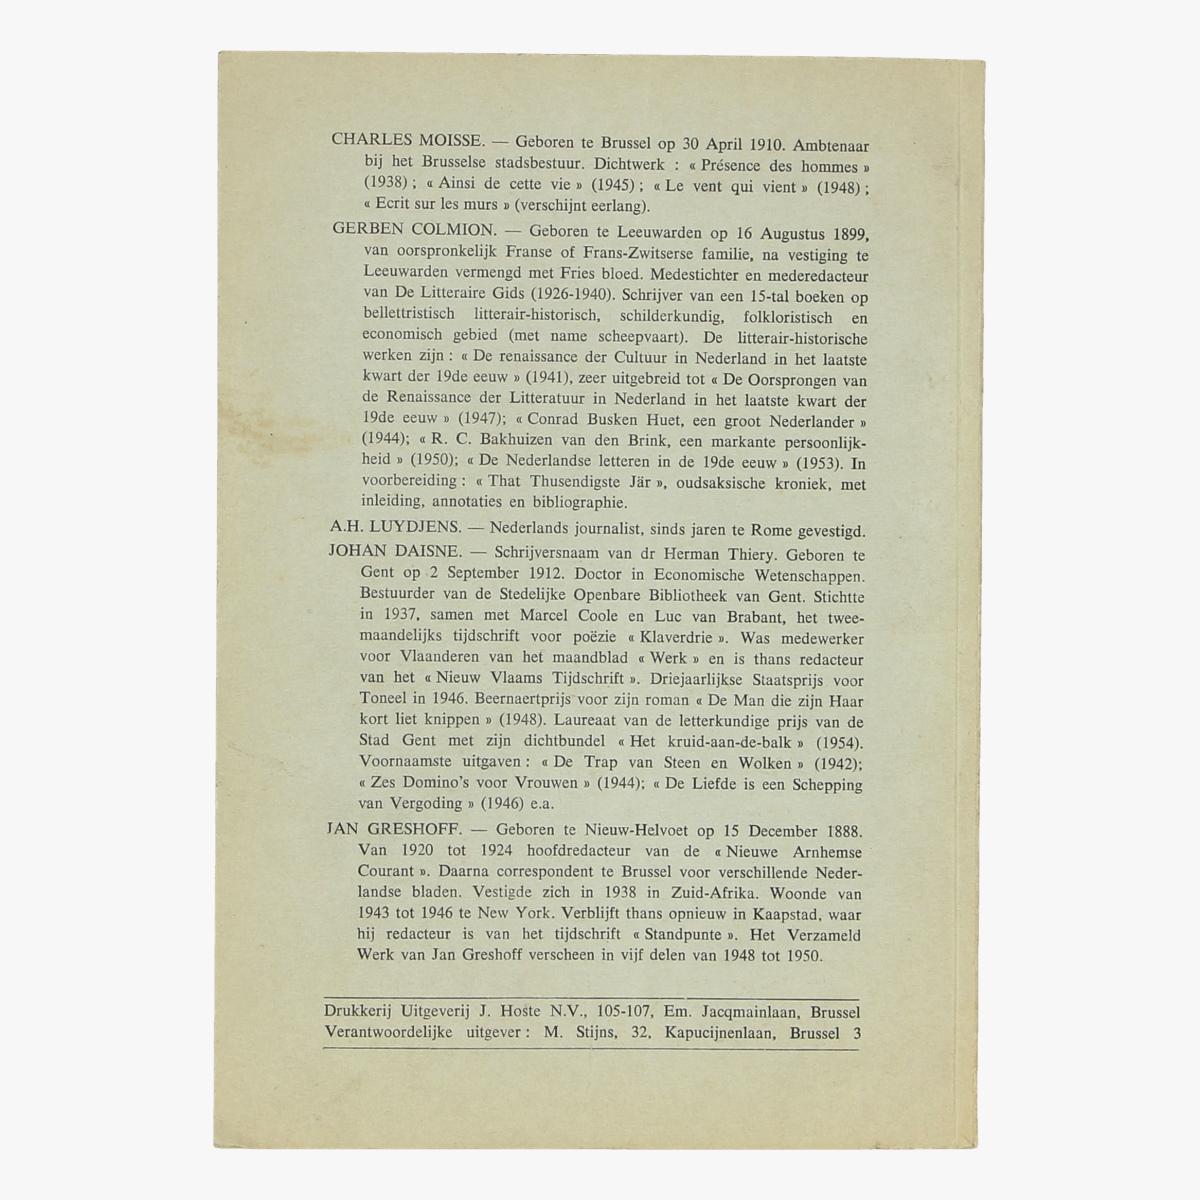 Afbeeldingen van De Vlaamse gids nr 9 1955